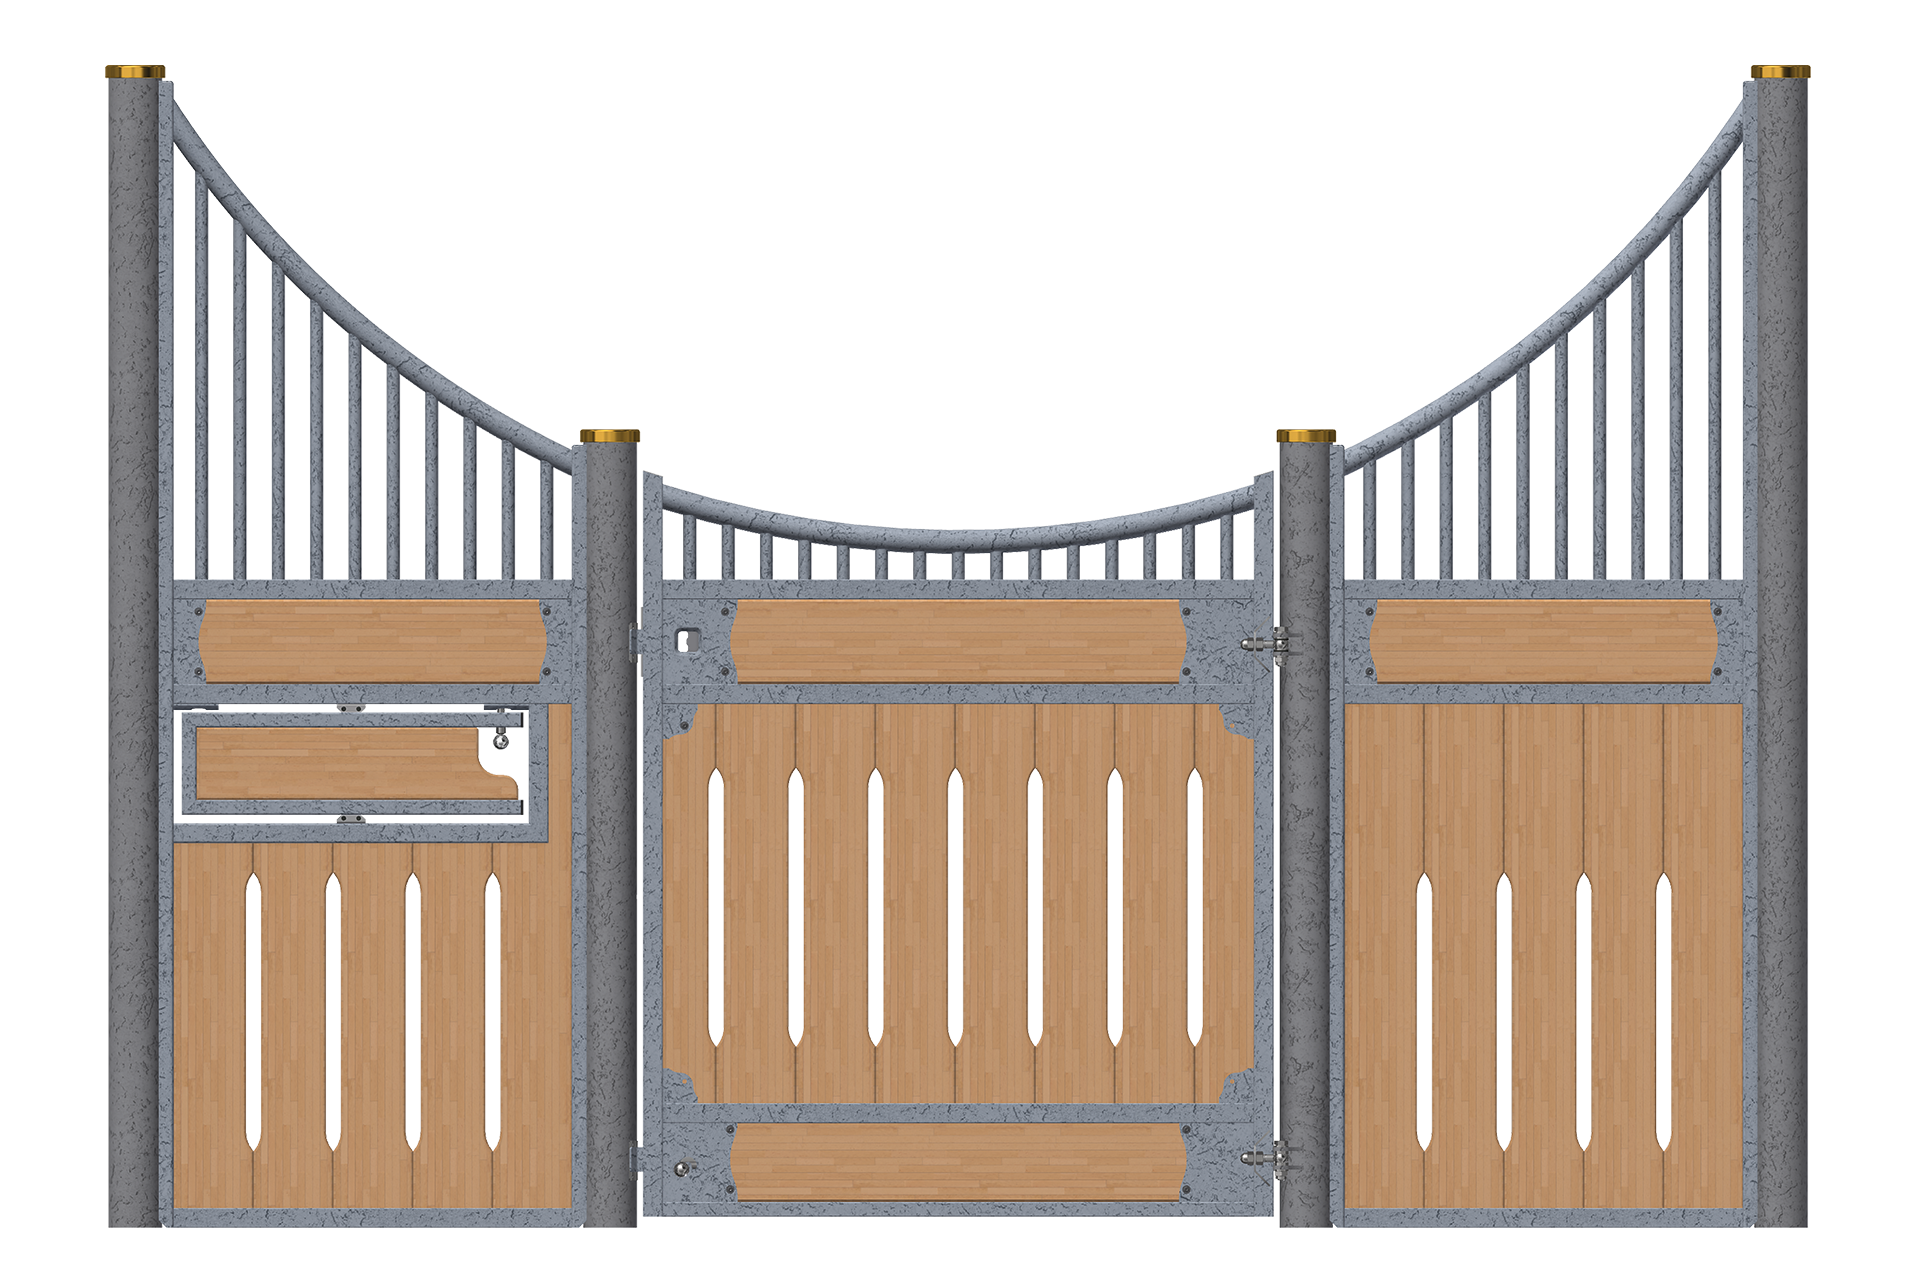 Frond-Cirkle-1QR-Drehtrog-verzinkt